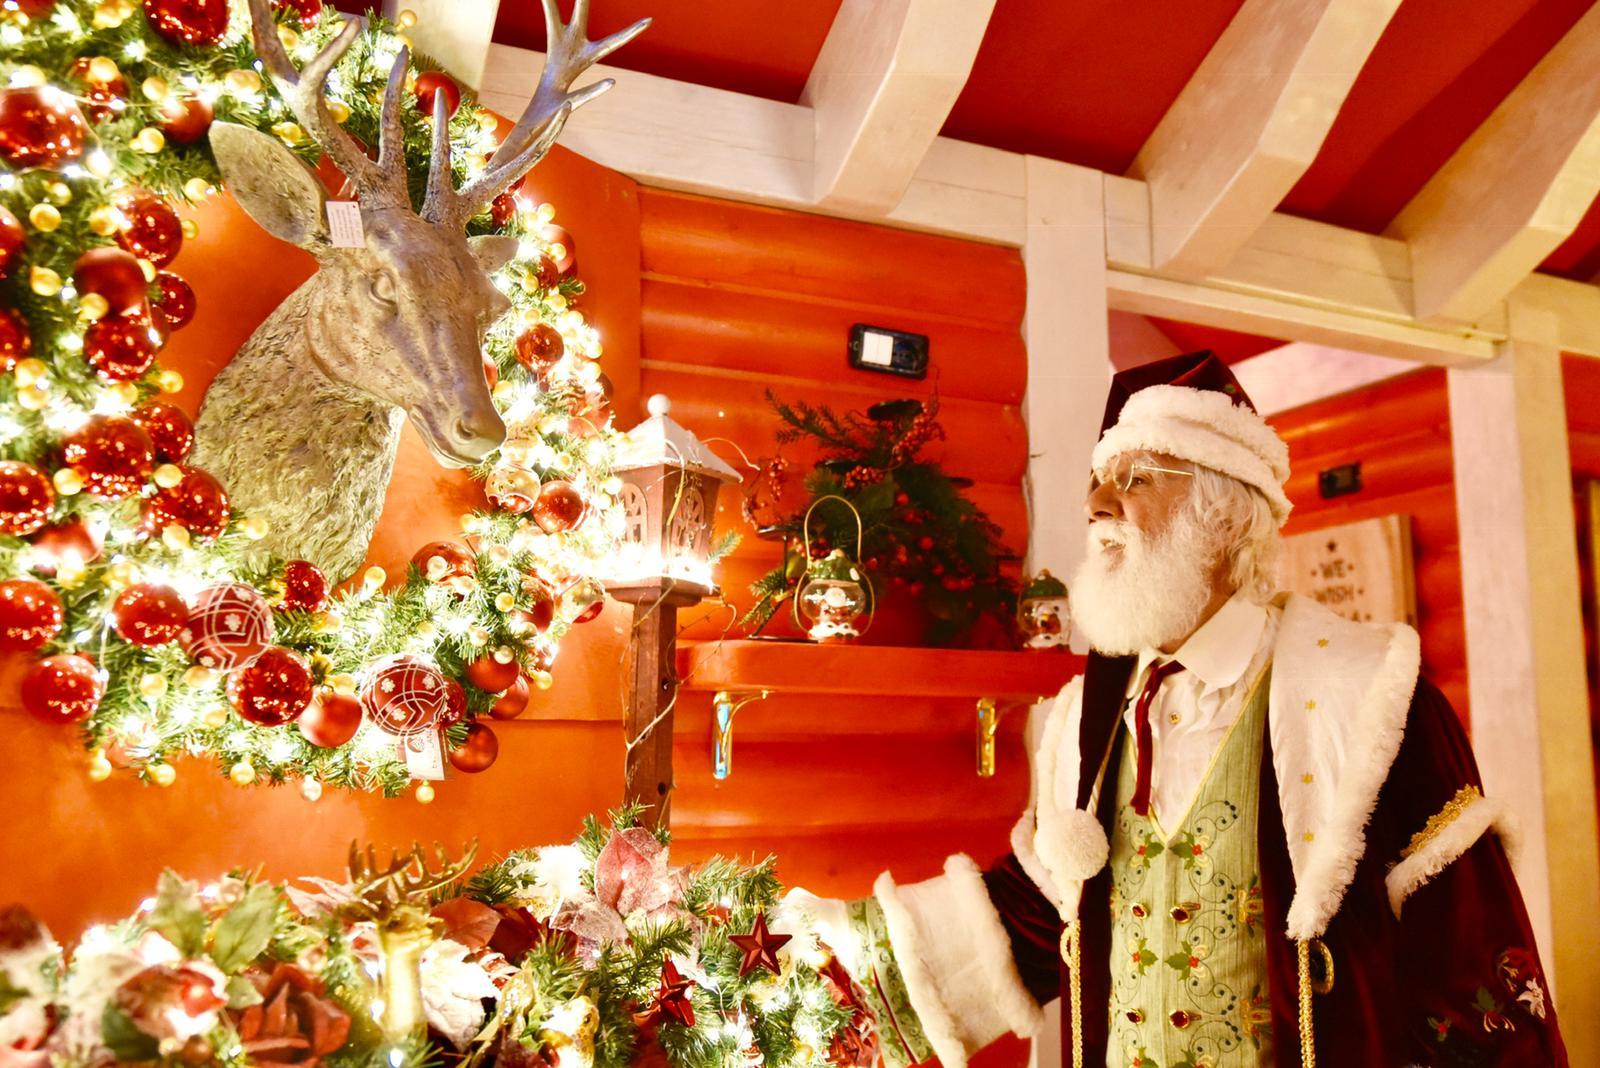 Babbo Natale Casa.La Casa Di Babbo Natale 2020 Oltre Ogni Aspettativa